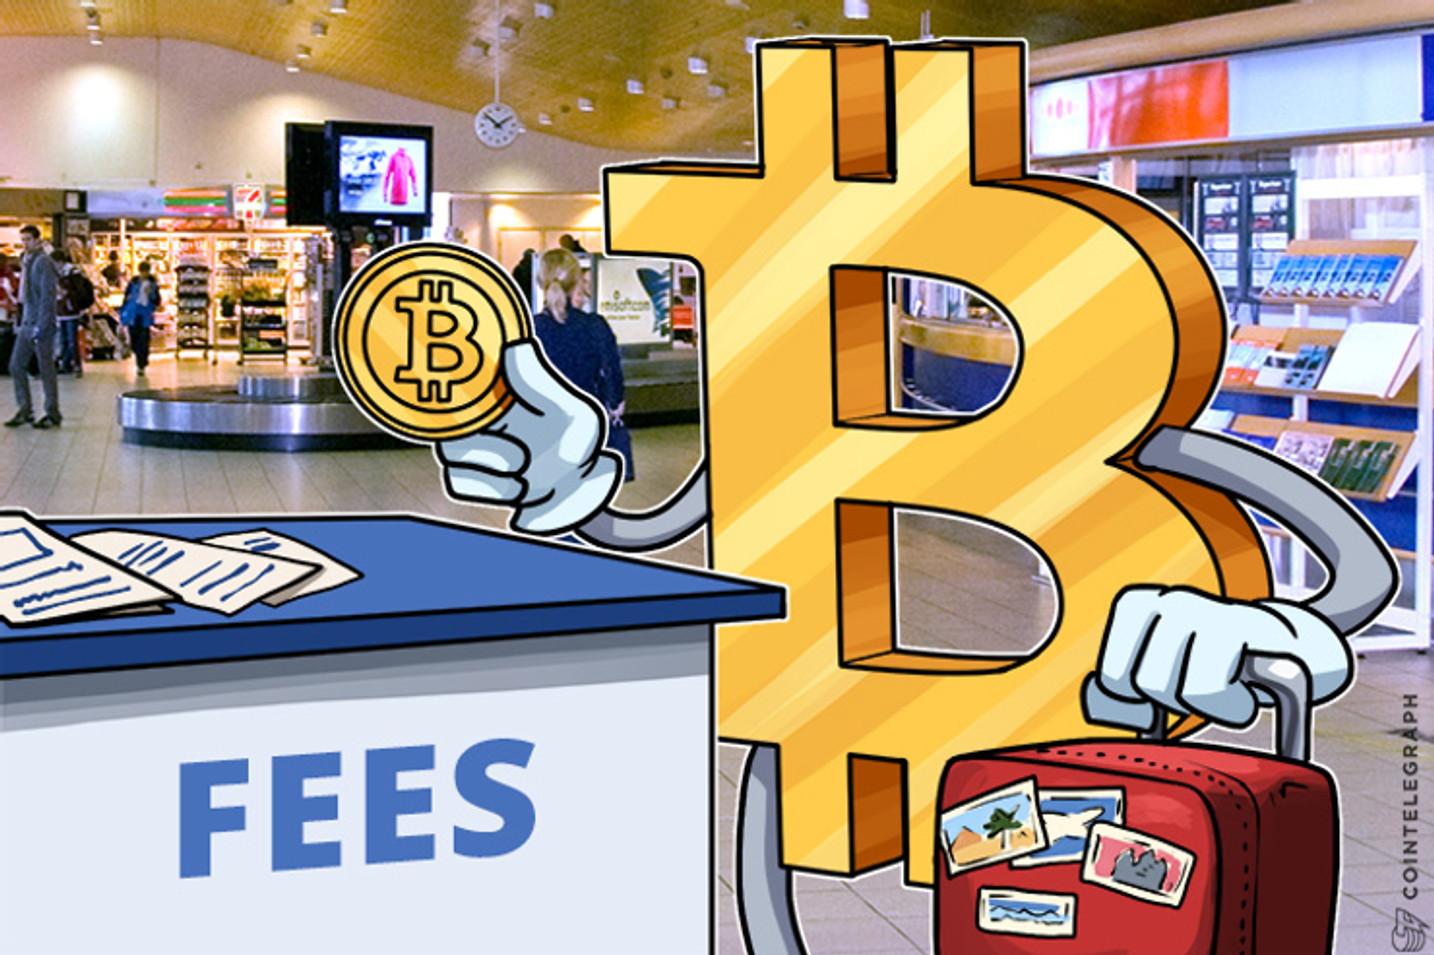 ¿Cómo comprar Bitcoins en España? Opciones para entrar en el mundo cripto